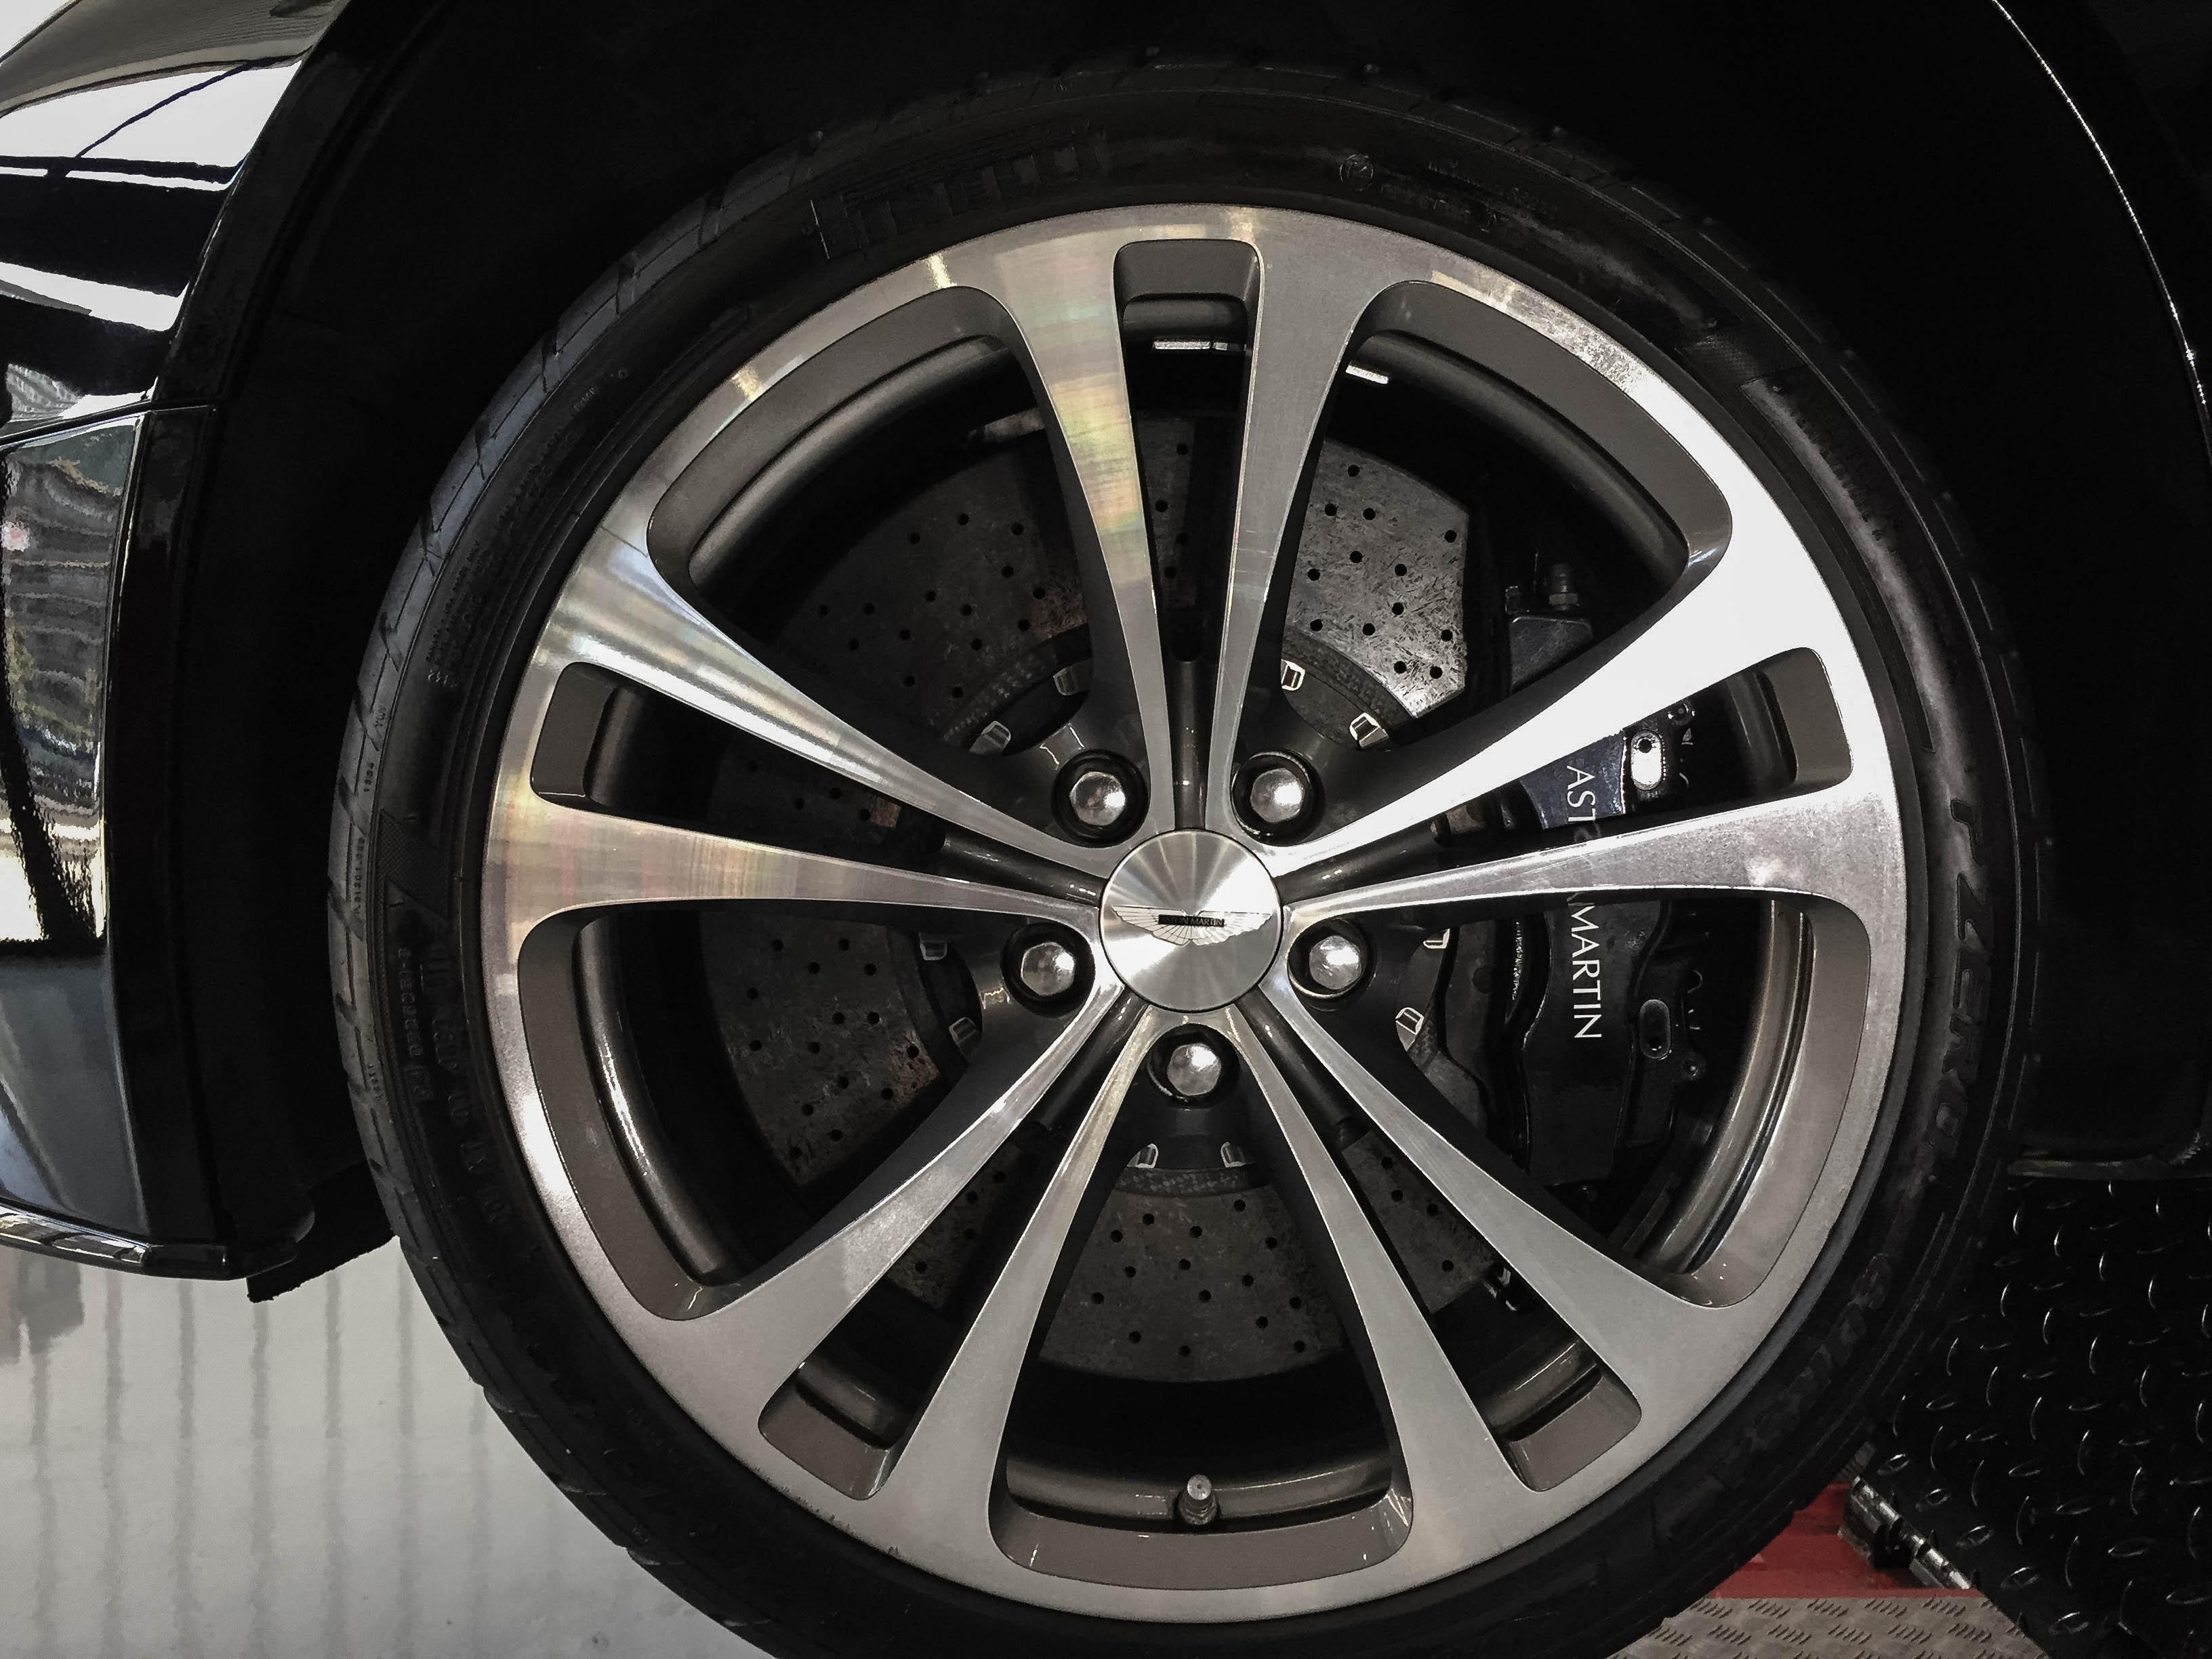 Aston Martin Vantage –Wheel